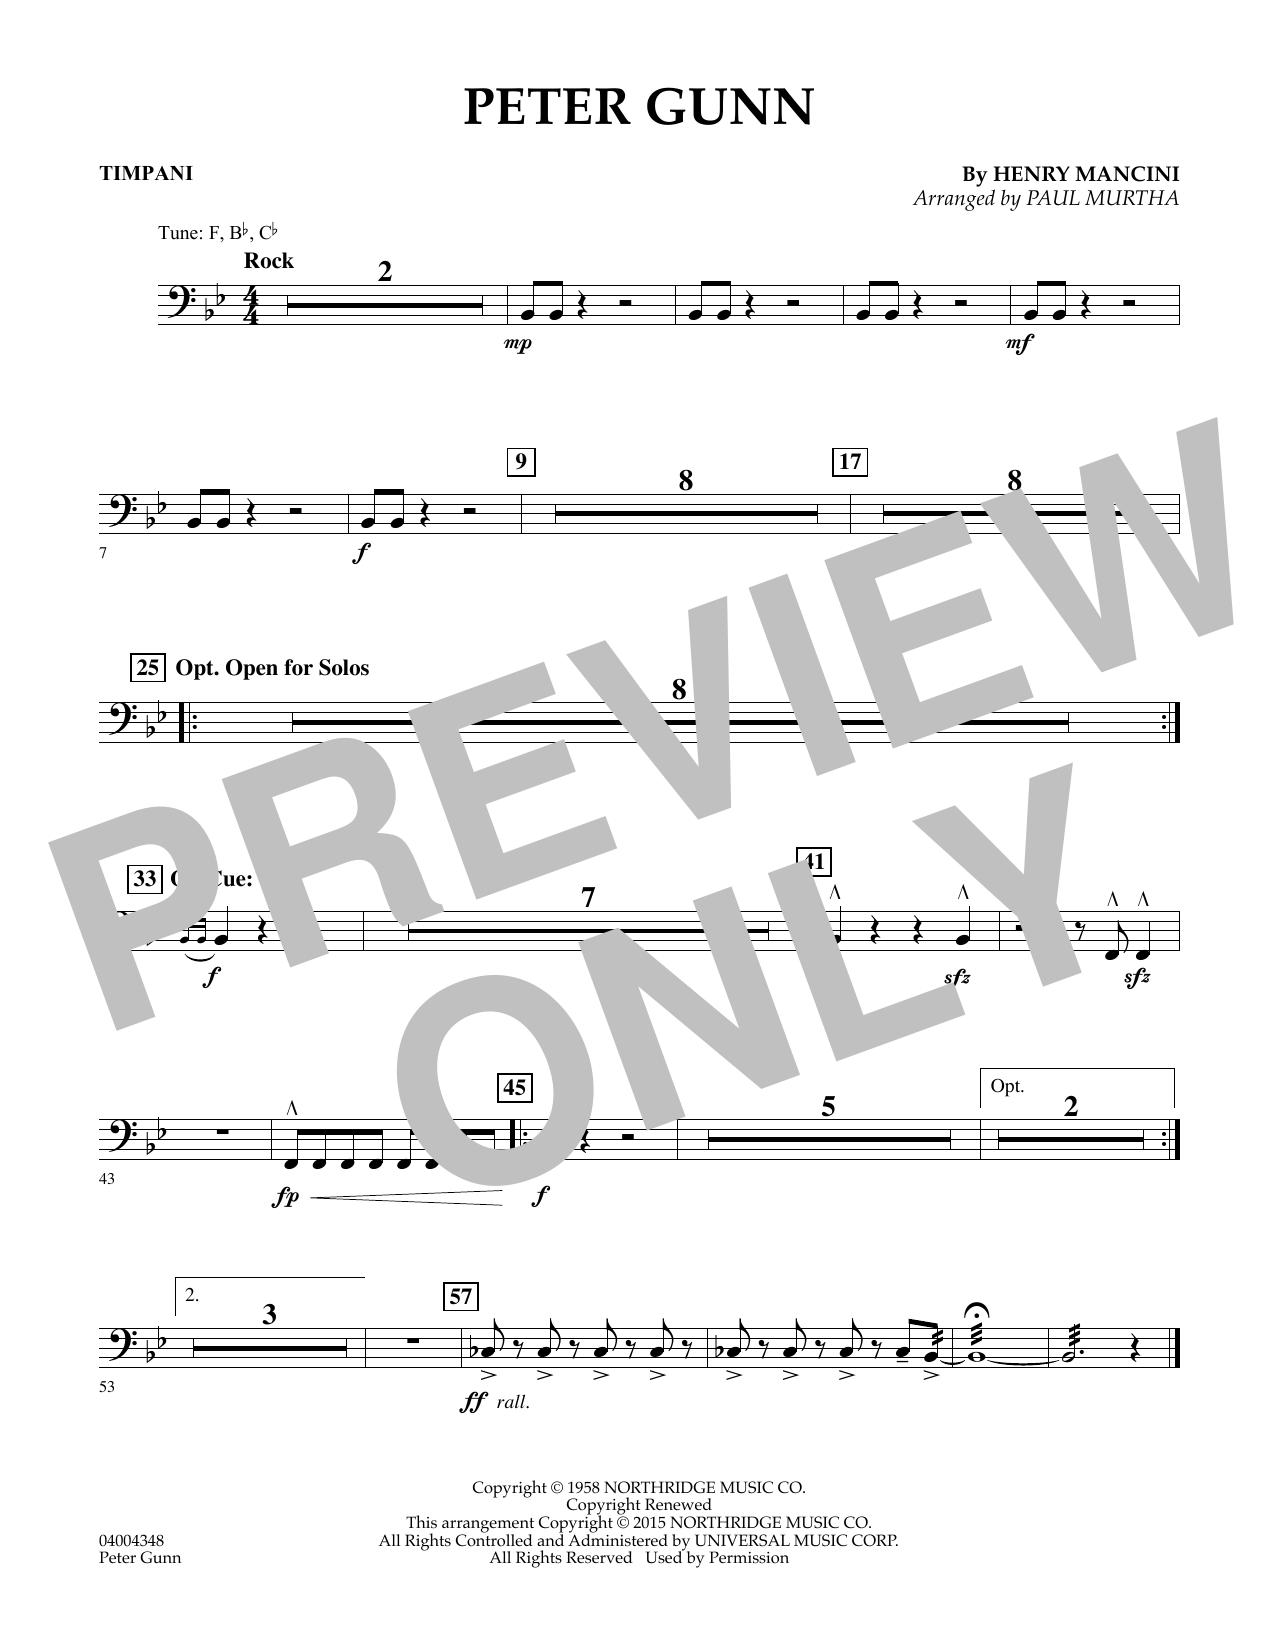 Peter Gunn - Timpani (Flex-Band)